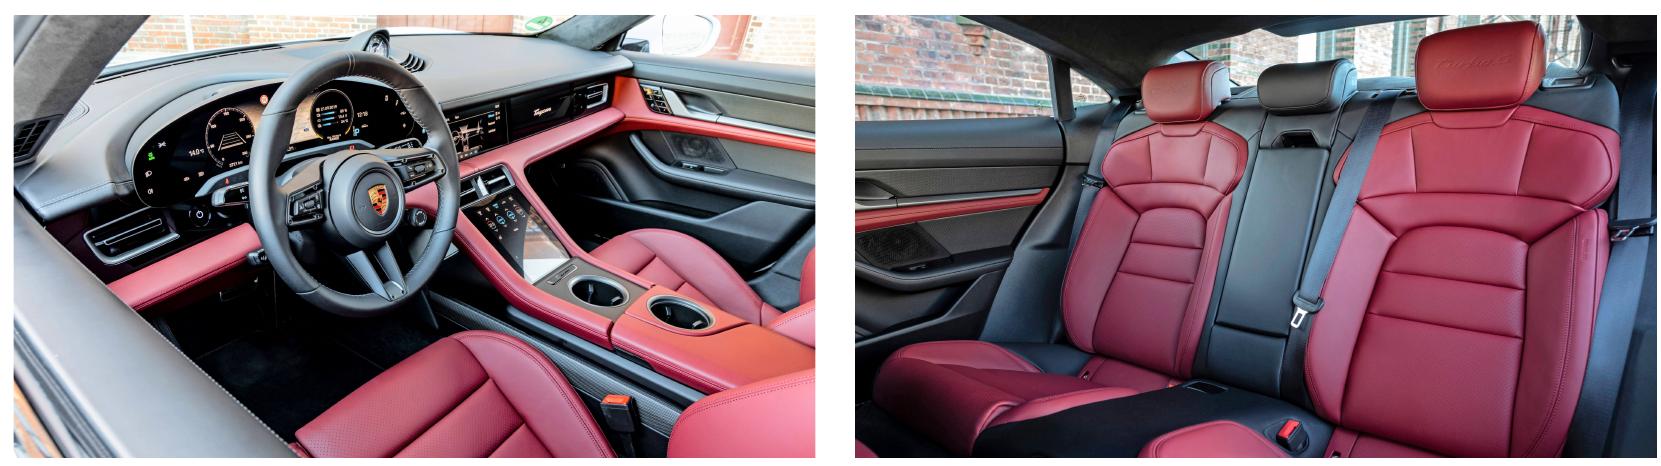 Im Taycan-Cockpit gibt es kaum noch klassische Knöpfe und Schalter, stattdessen eine voll digitale Bedienlandschaft. Fotos: Porsche